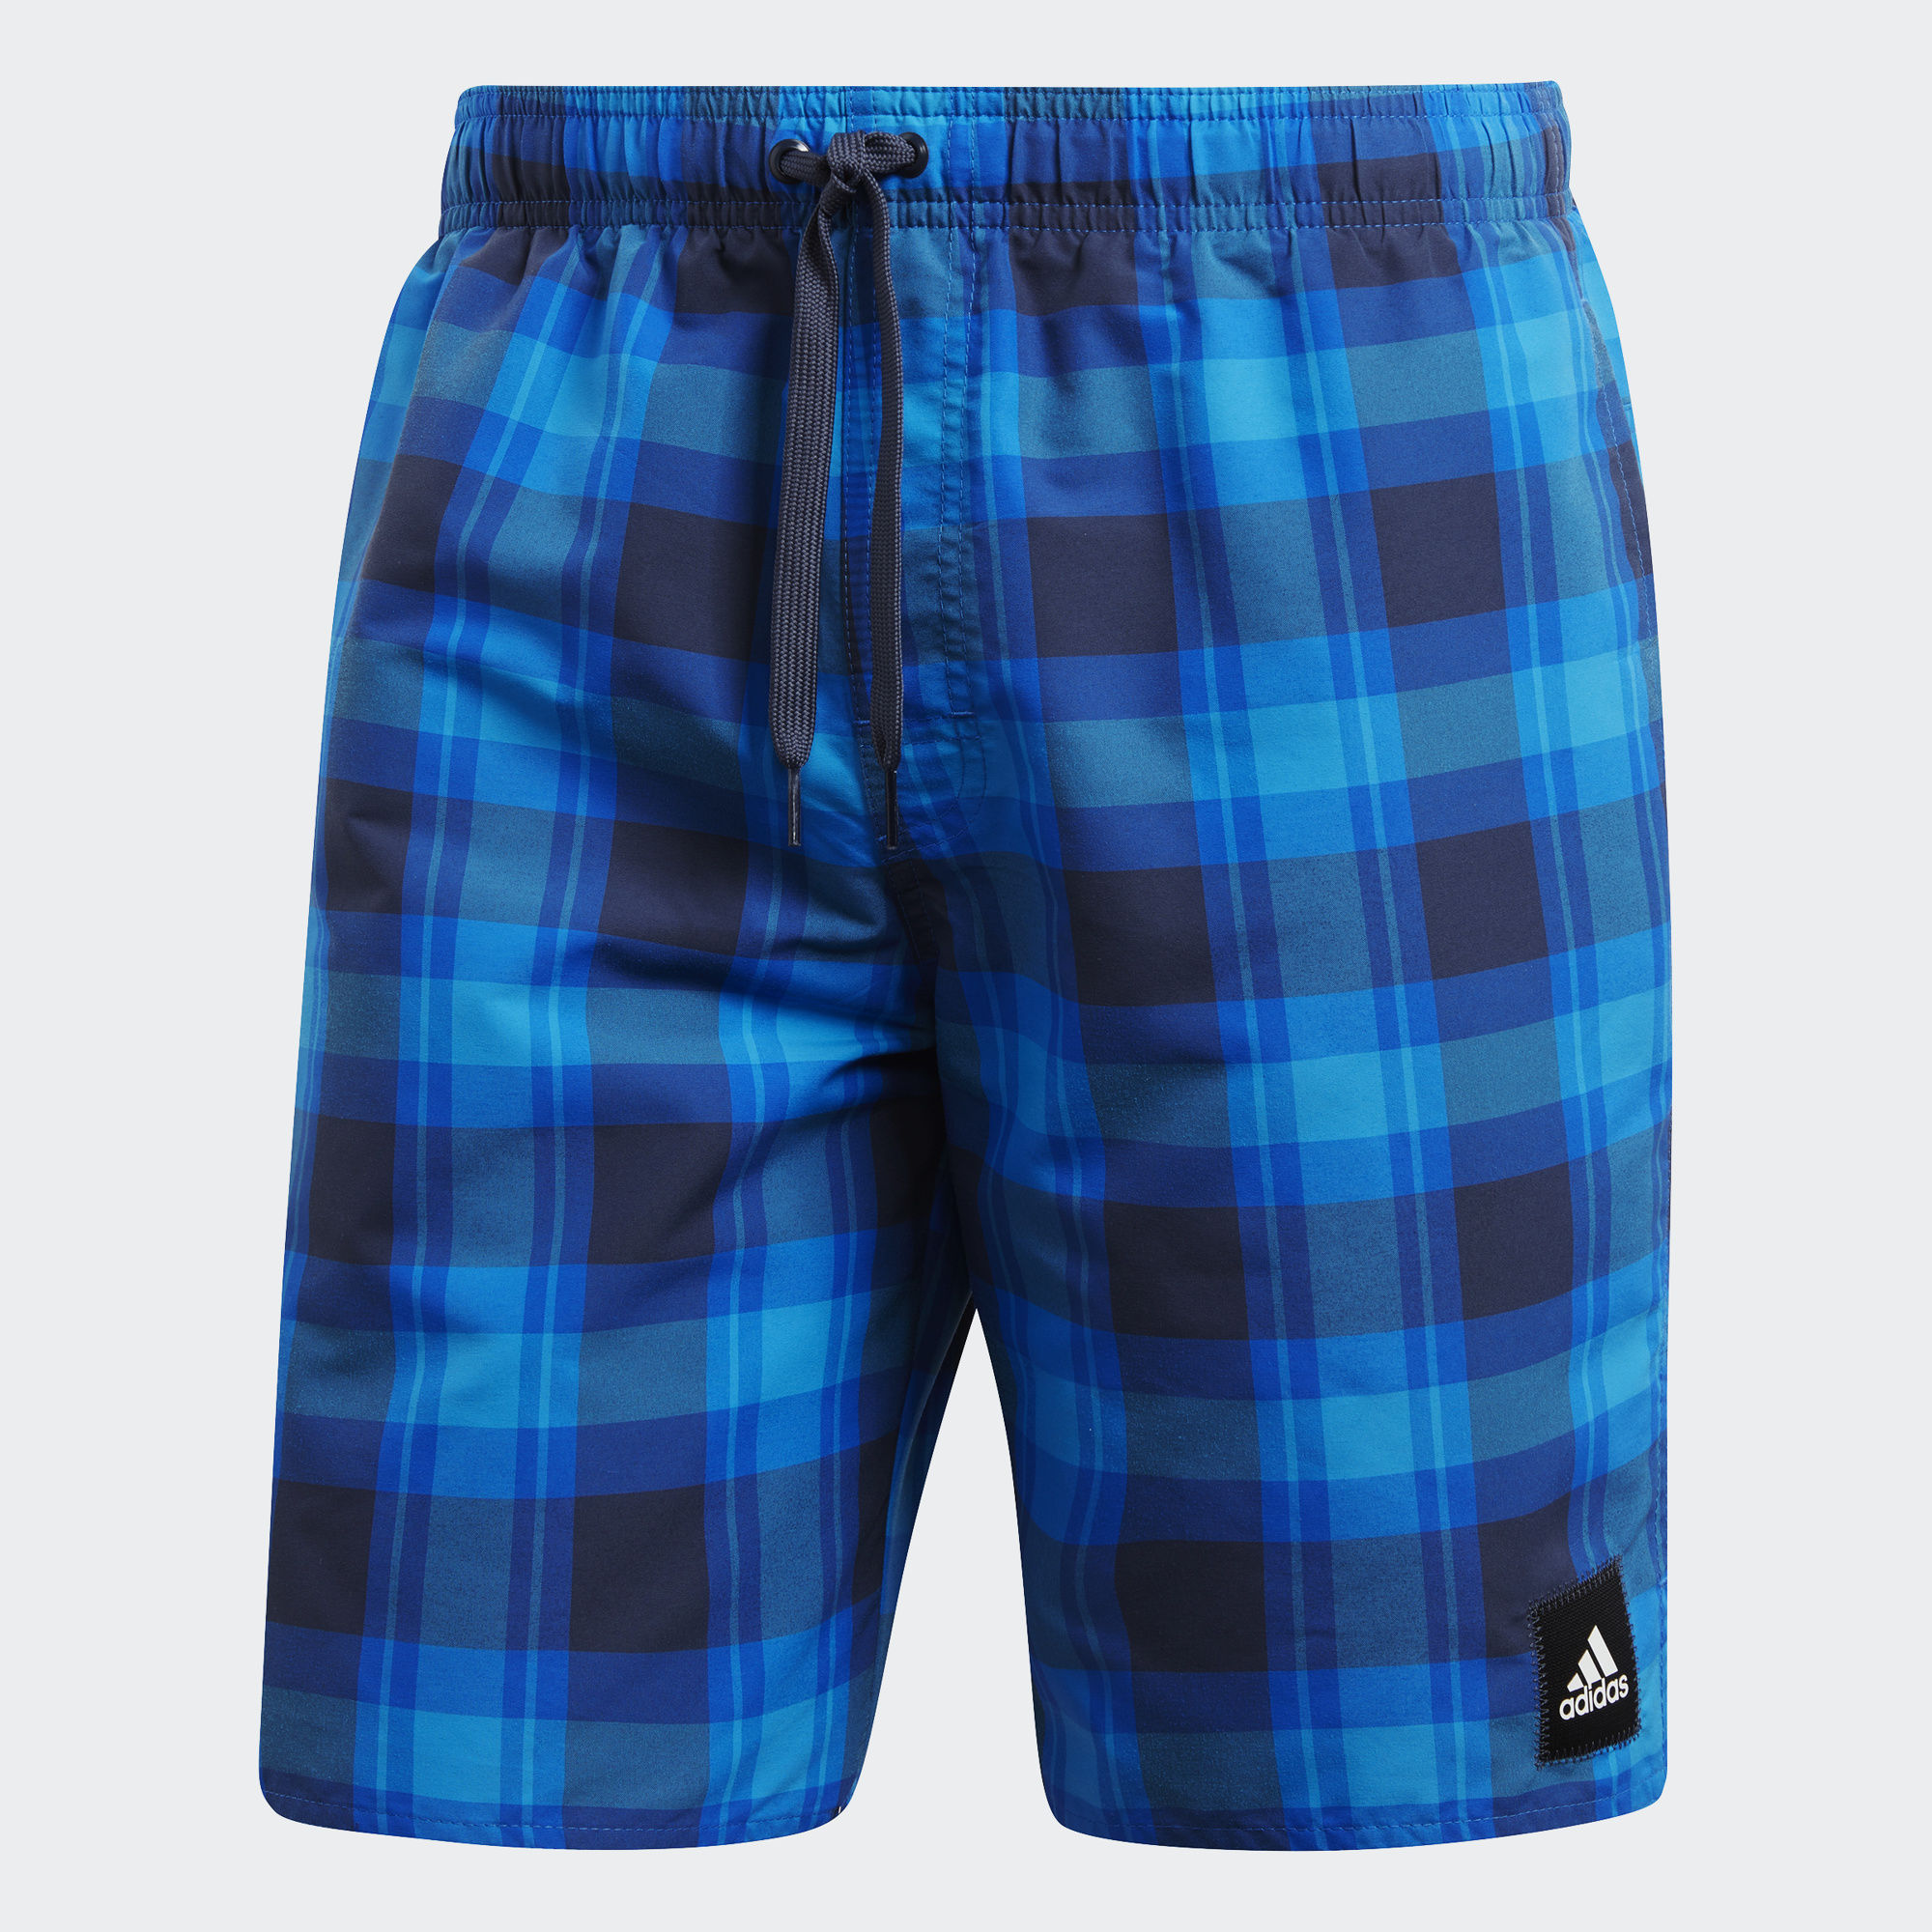 Шорты мужские adidas Check Sh Ml, цвет: синий. CV5158. Размер L (52/54) брюки спортивные мужские adidas tiro17 3 4 pnt цвет синий bq2645 размер l 52 54